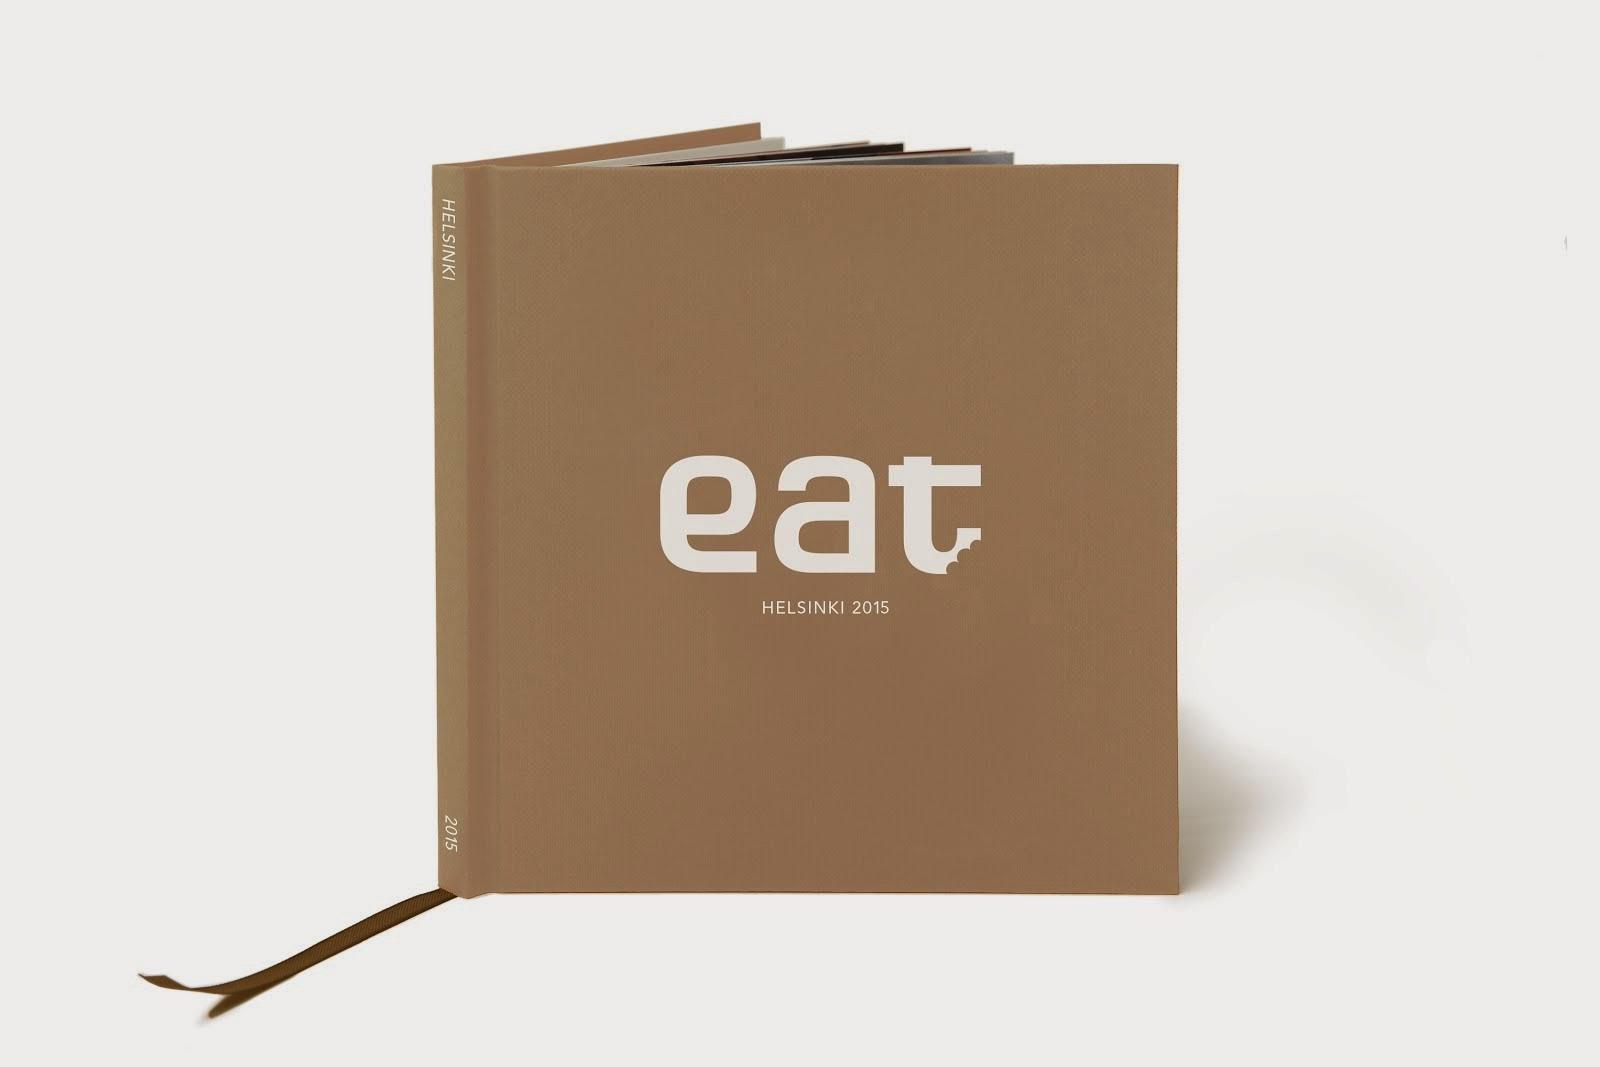 EatHelsinki 2015